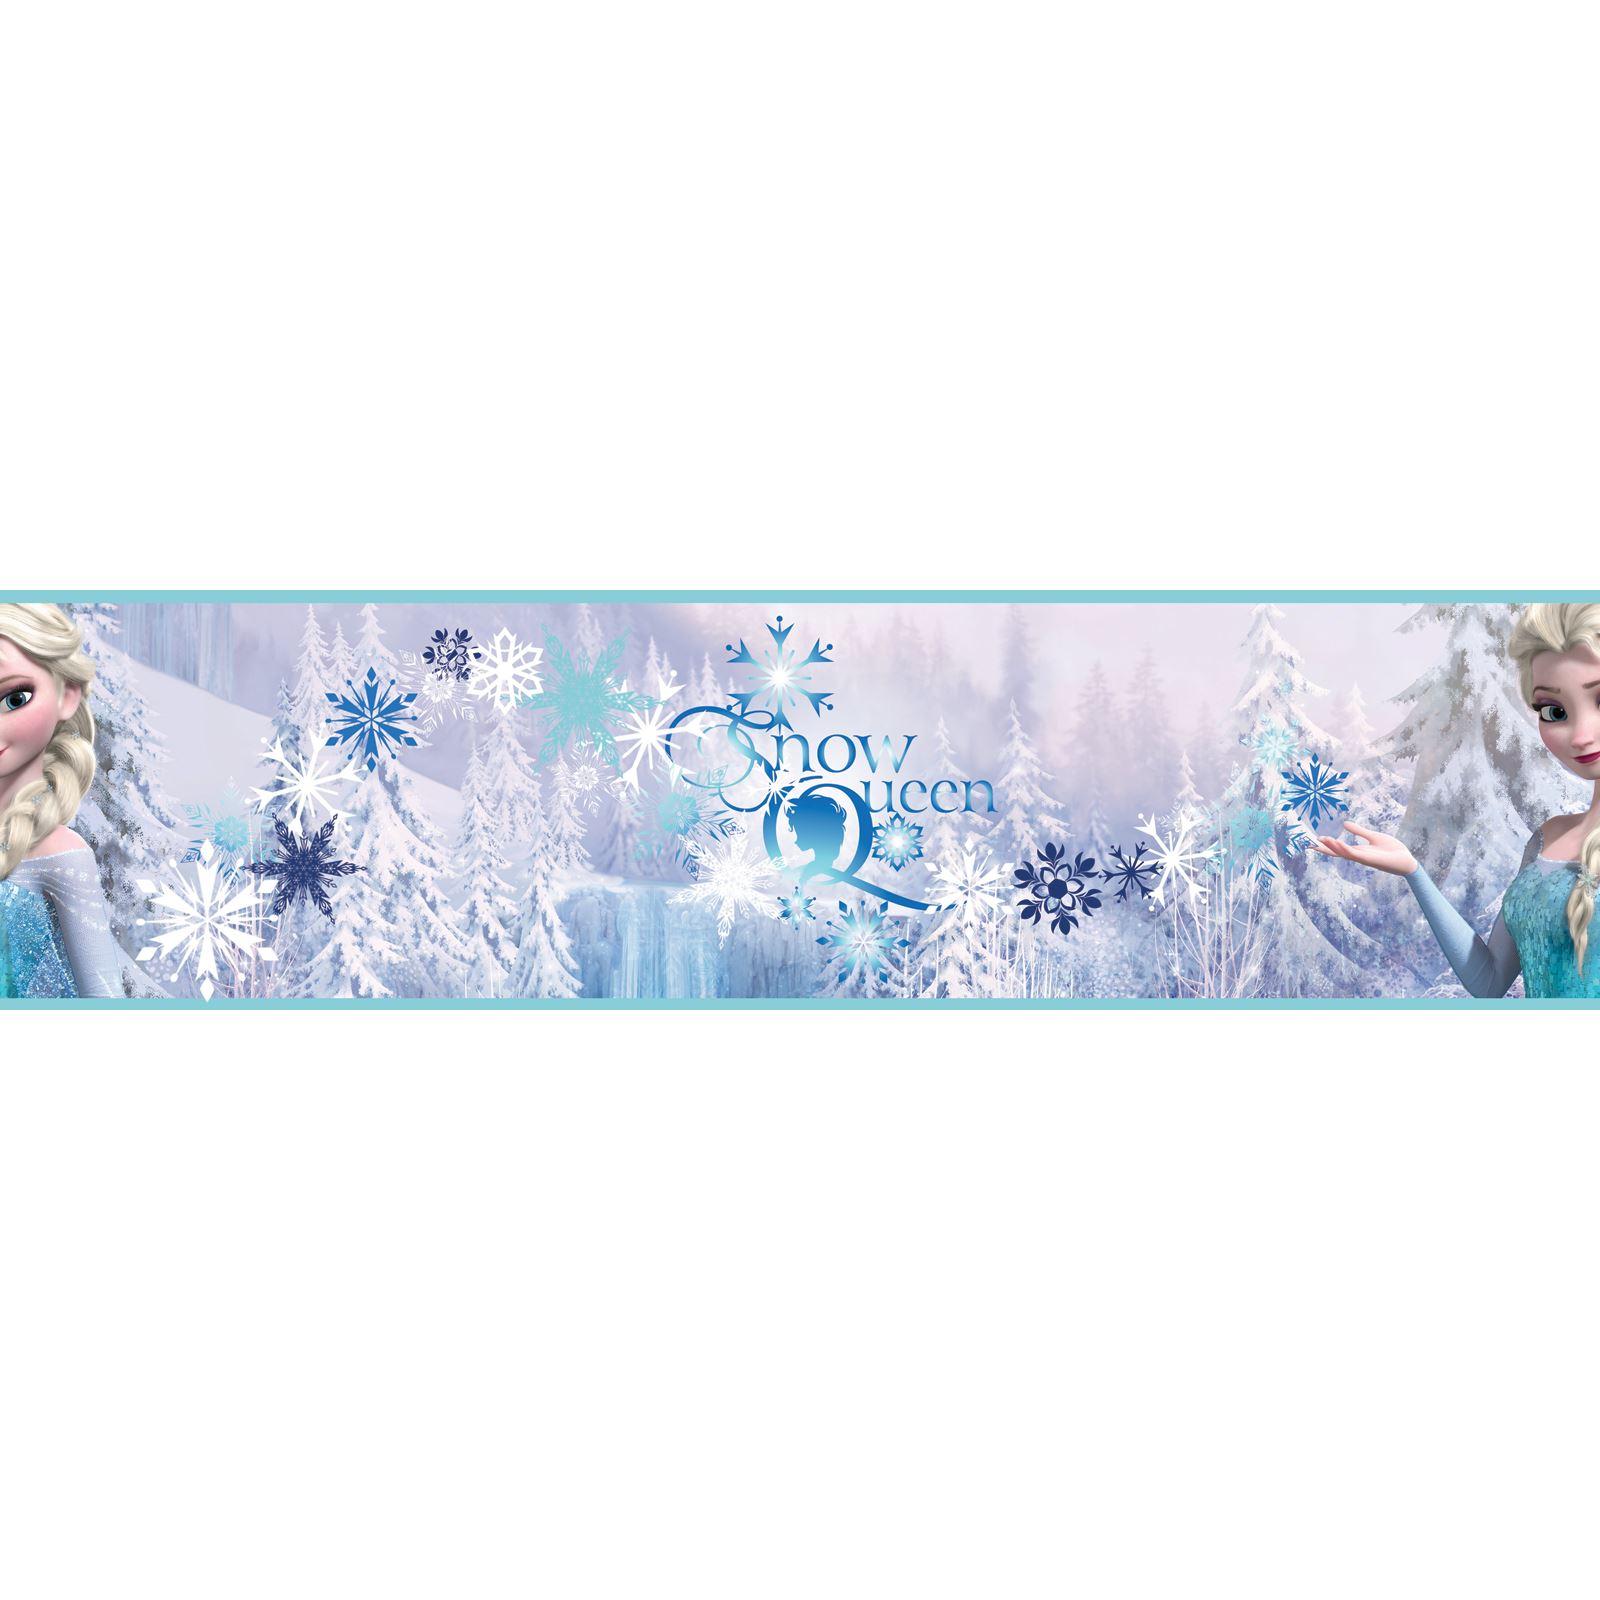 Disney frozen wall stencils - Disney Frozen Wallpaper Borders And Wall Stickers Wall Dcor Ebay